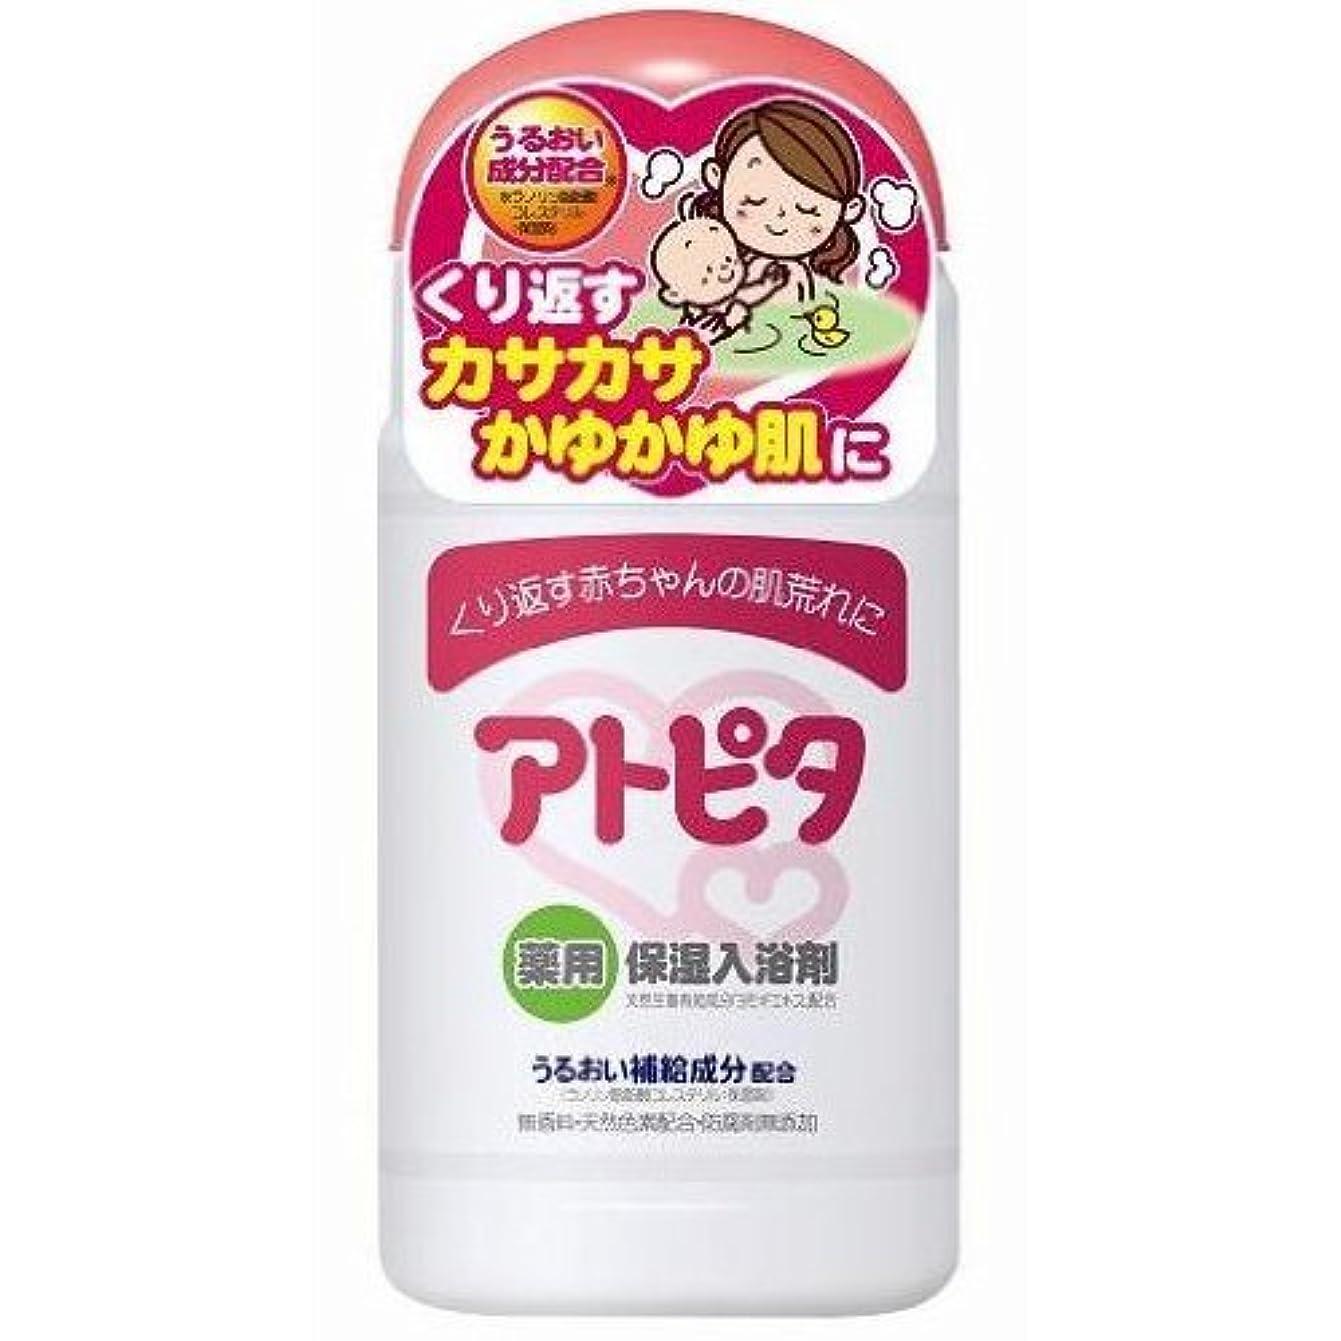 精巧な同行キャビンアトピタ薬用入浴剤 500g